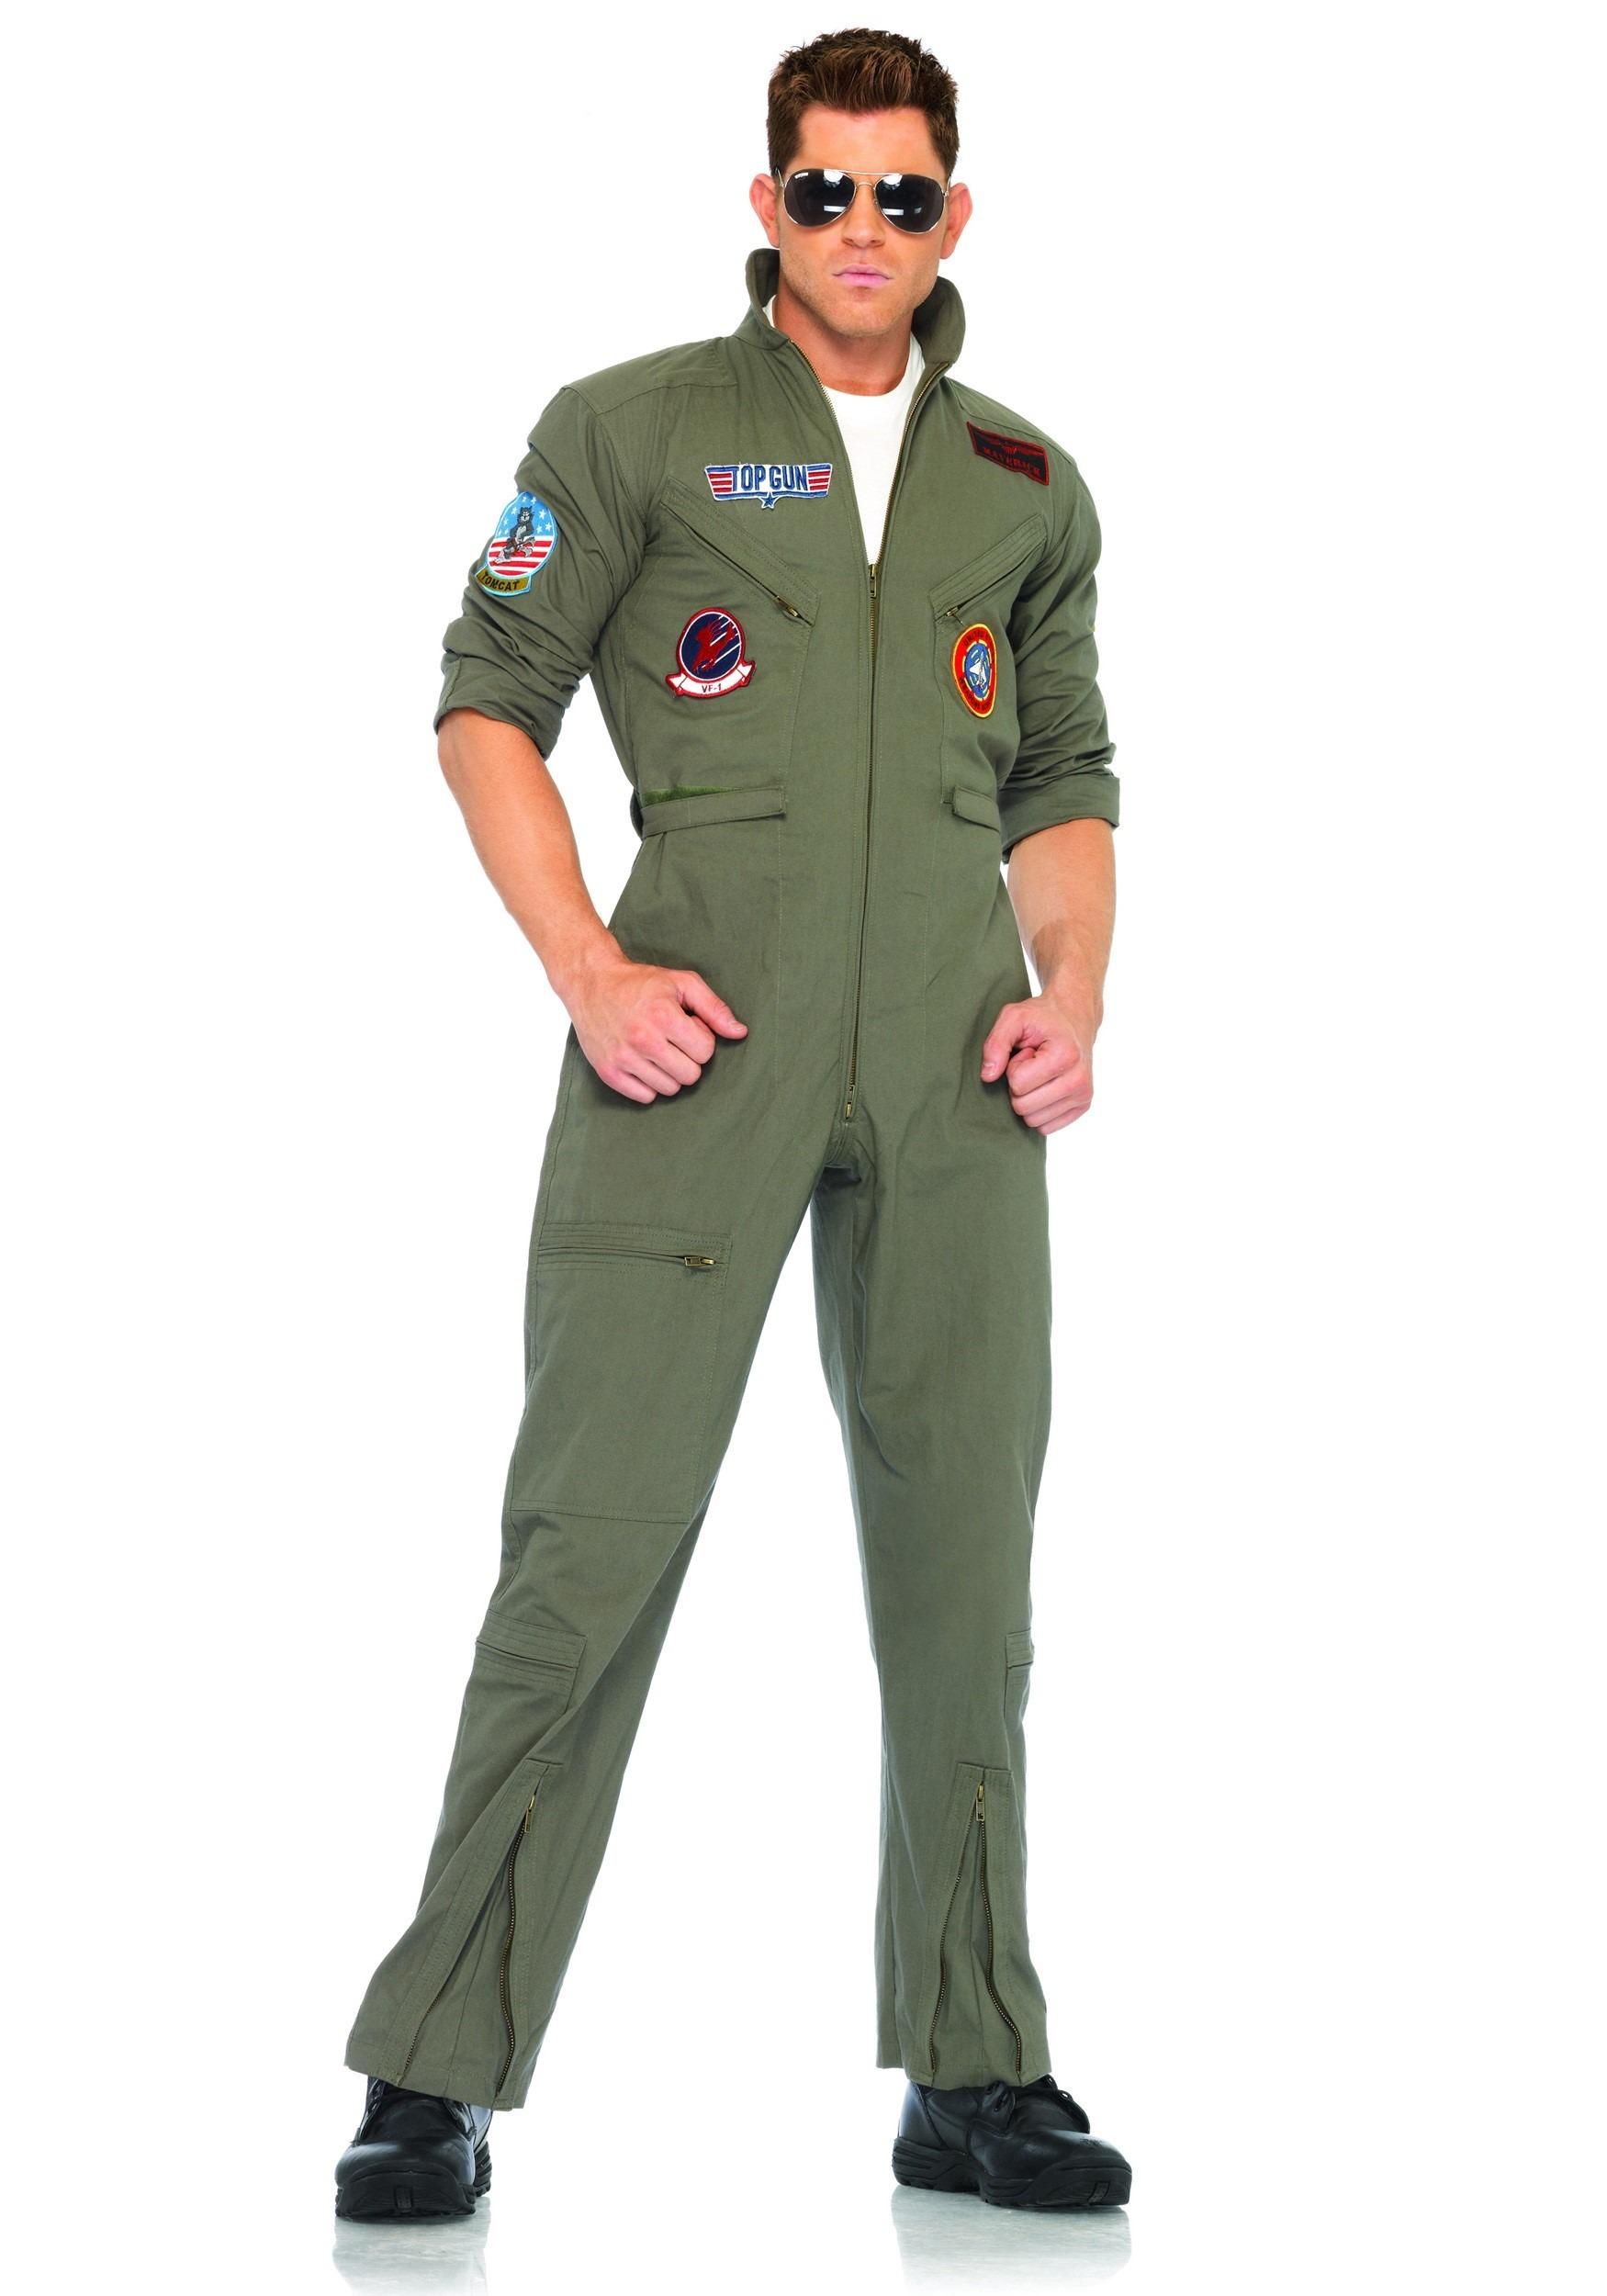 Top Gun Costume Flight Suit for Men   Pilot Halloween Costume